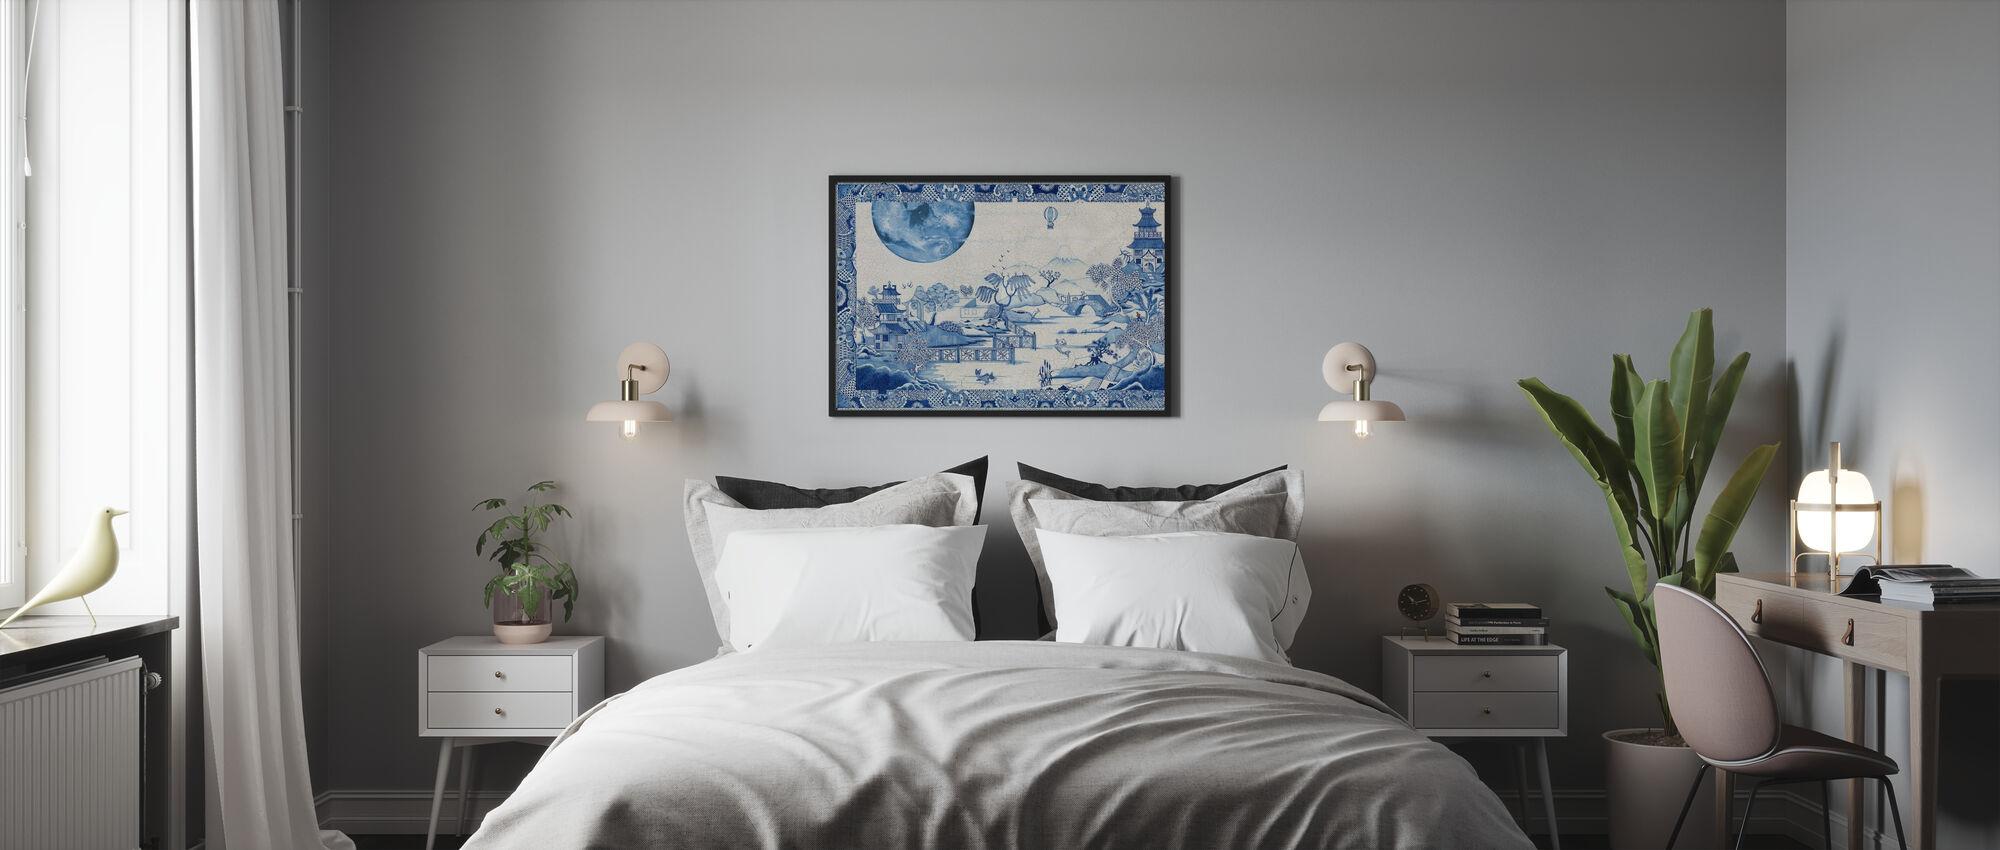 Blue Moon Crazed - Innrammet bilde - Soverom